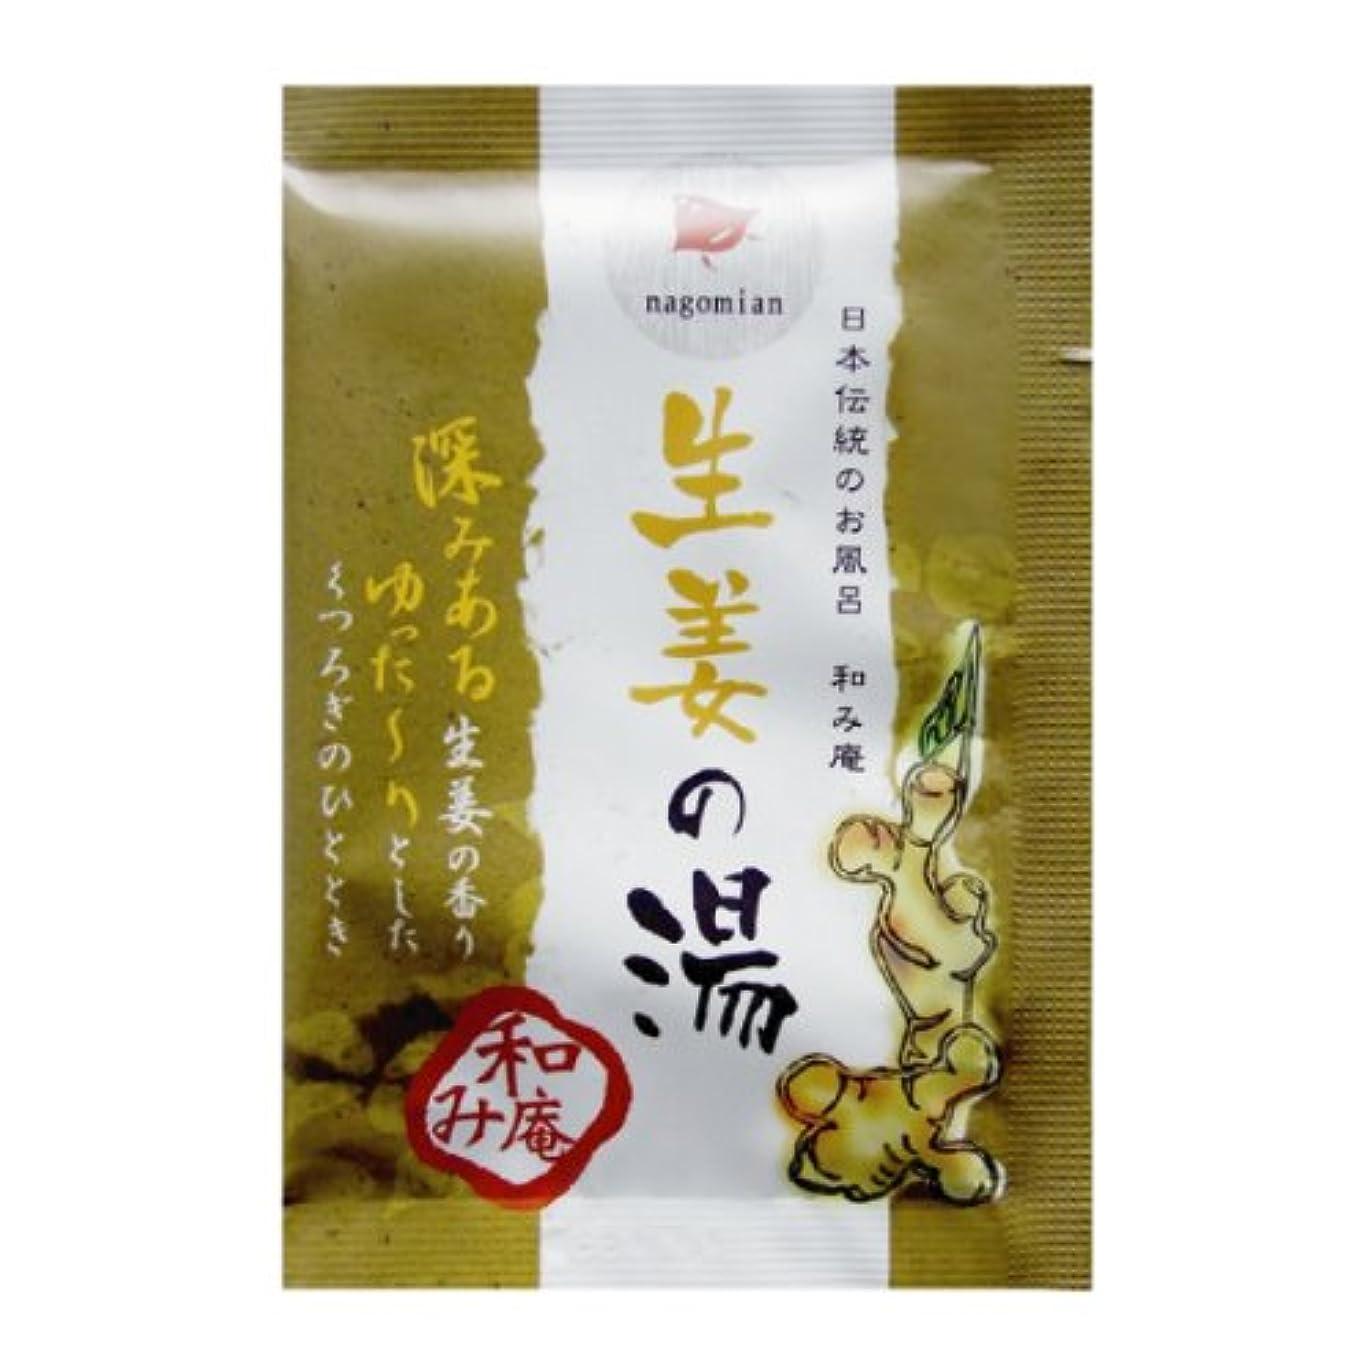 神秘ビュッフェ振動させる日本伝統のお風呂 和み庵 生姜の湯 200包